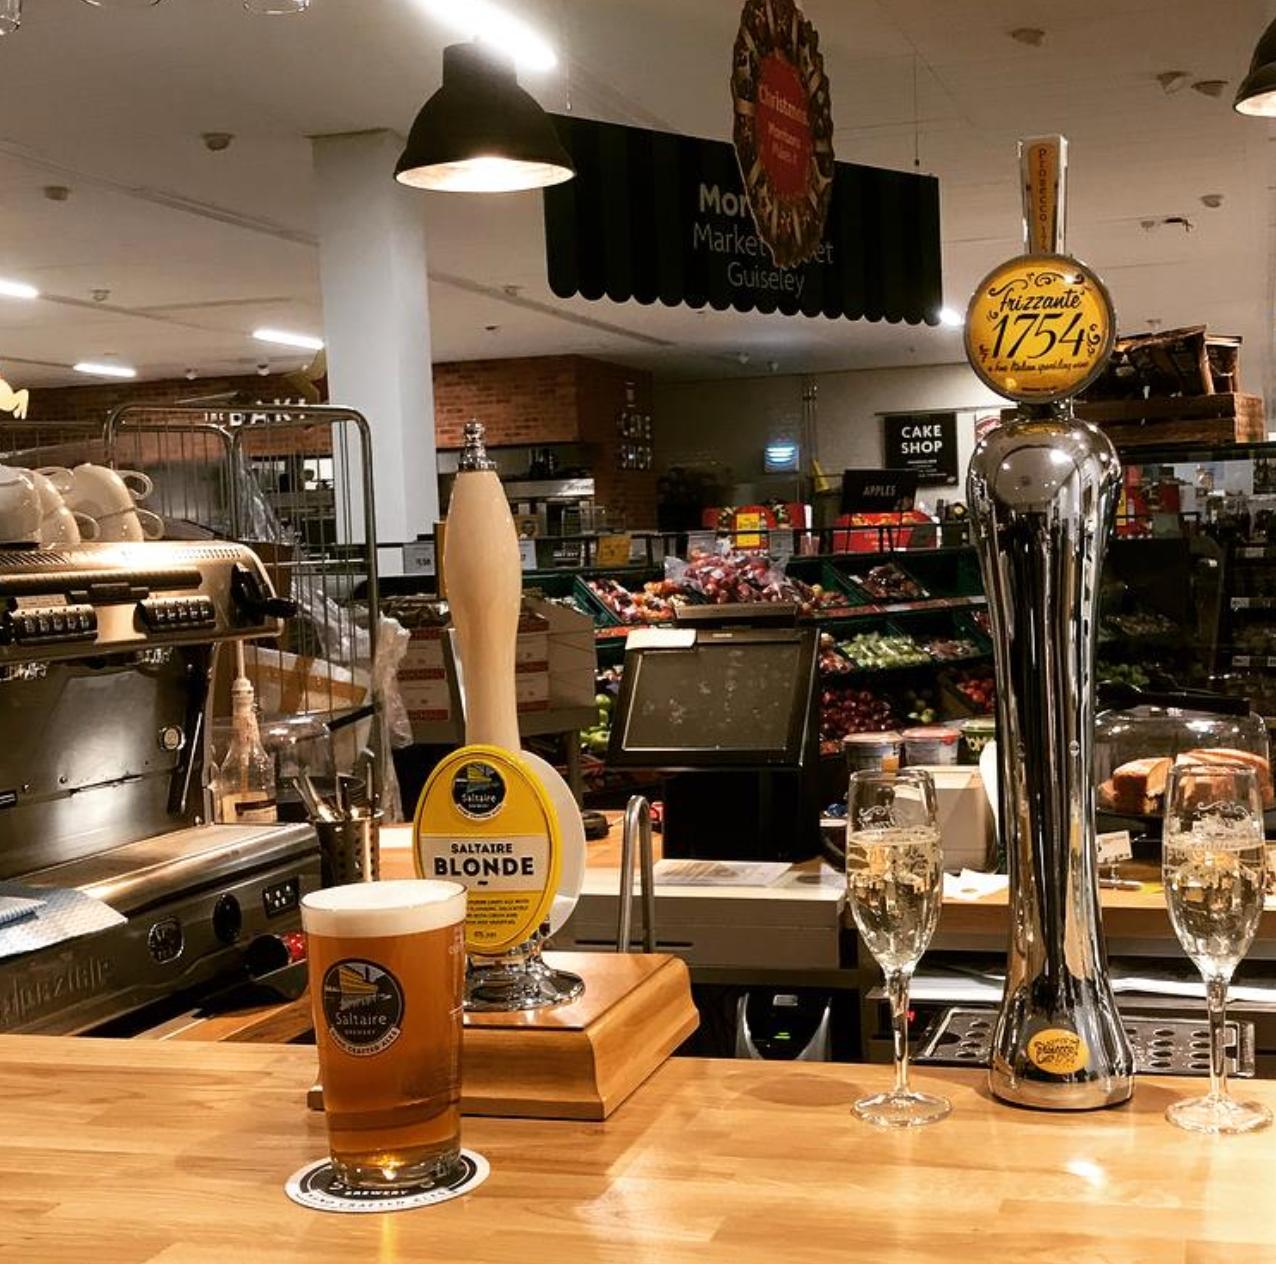 Här kan du dricka bira – när du handlar.